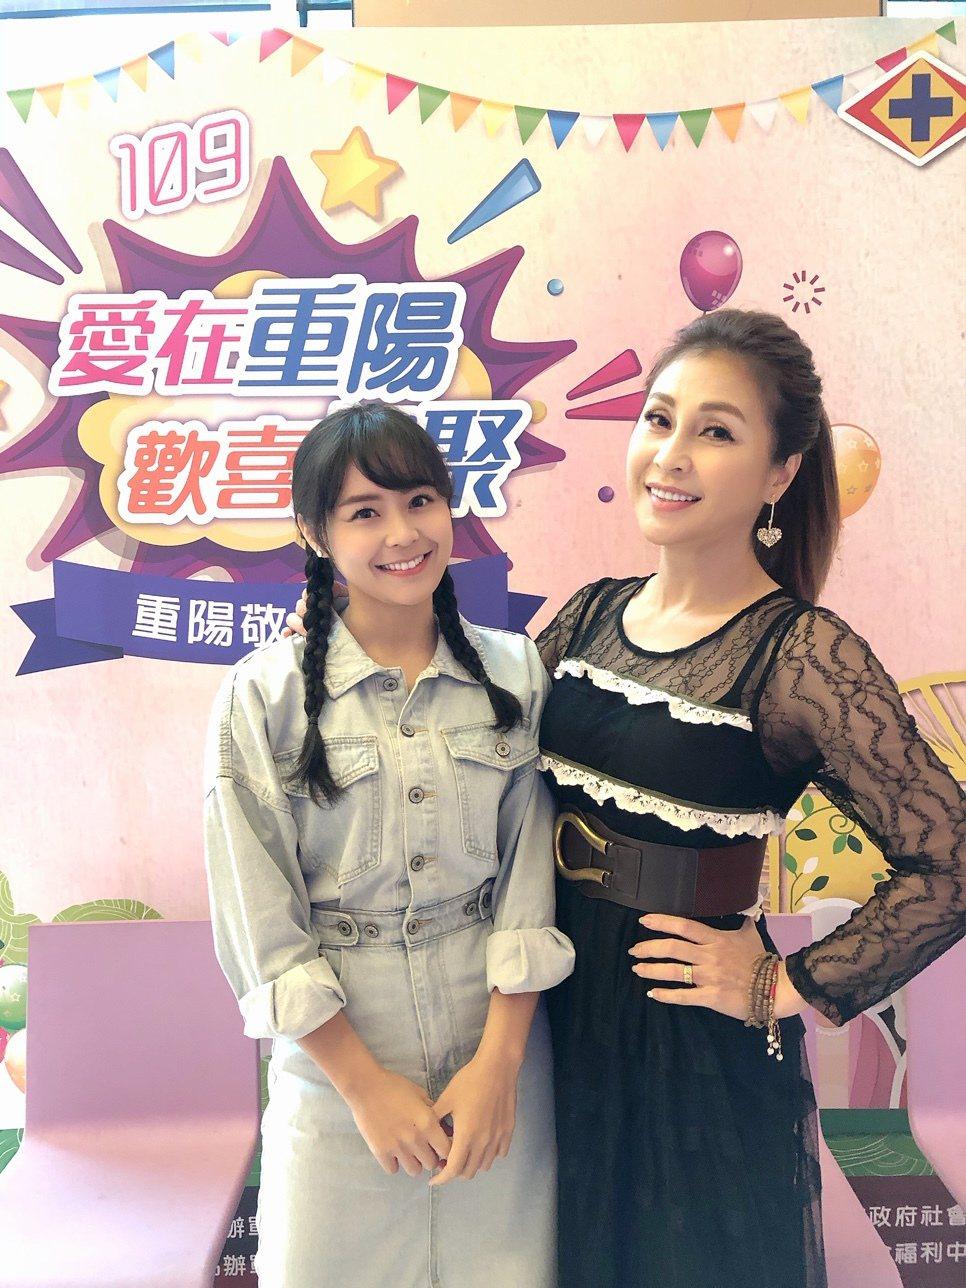 梁佑南(右)帶女兒方琦出席公益活動。圖/民視提供